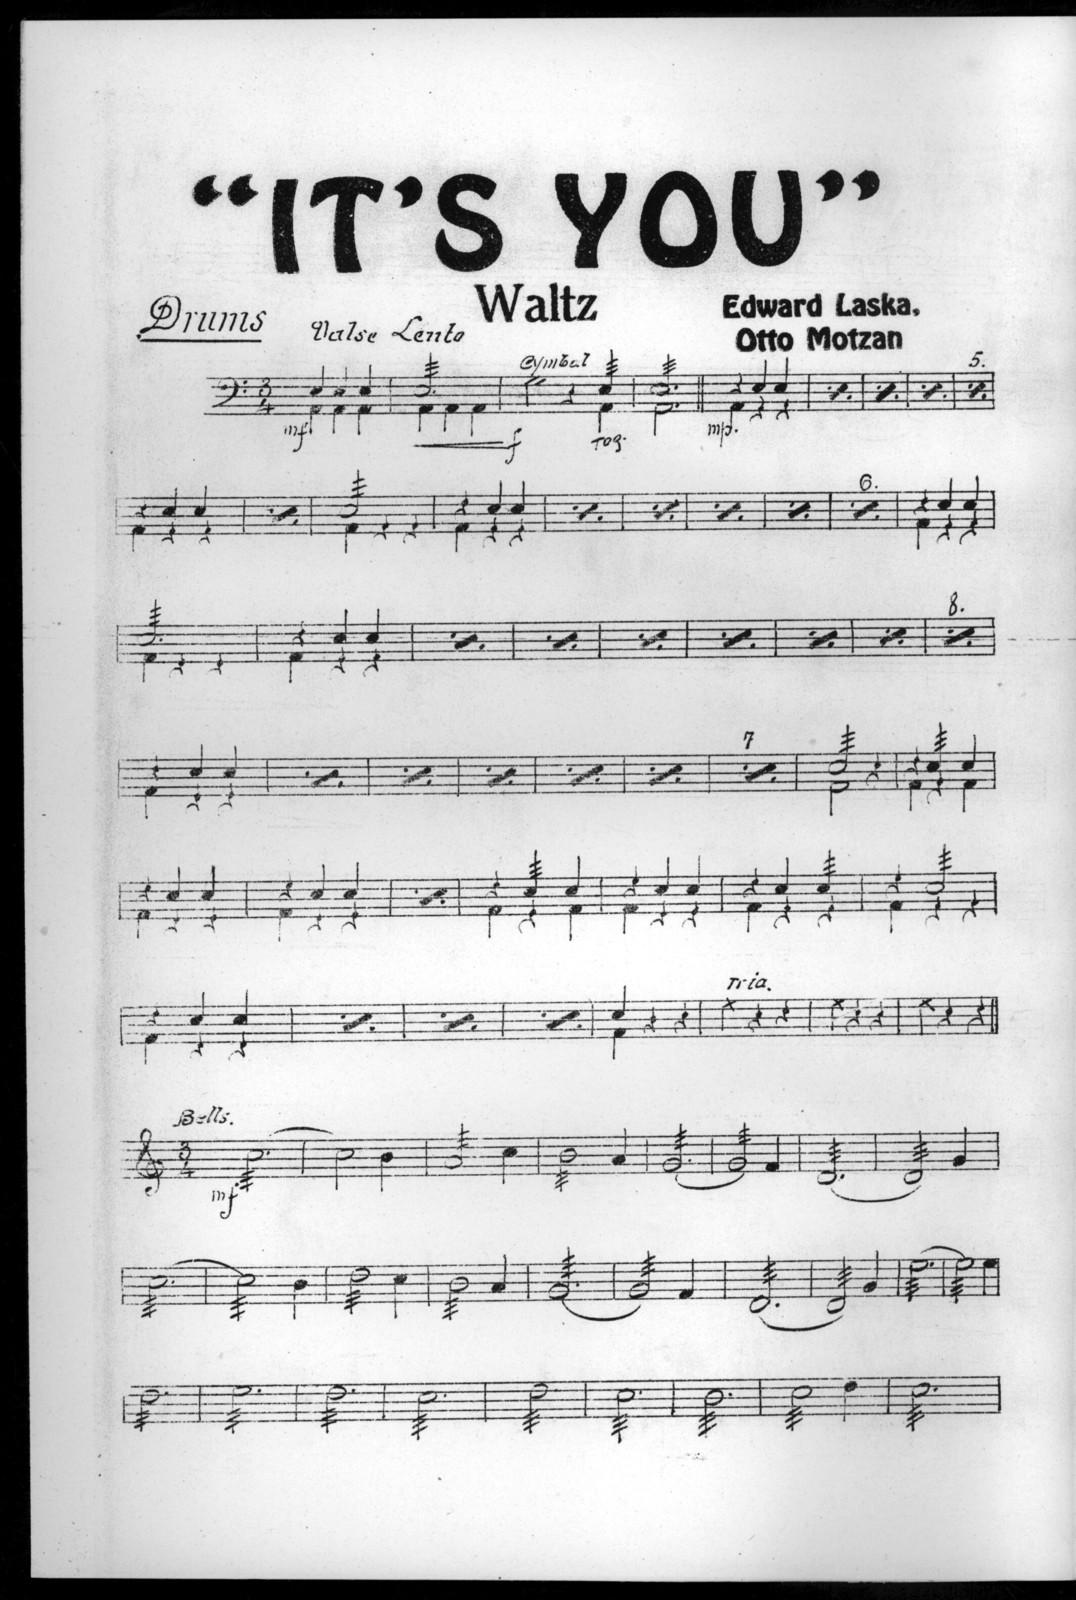 It's you waltz